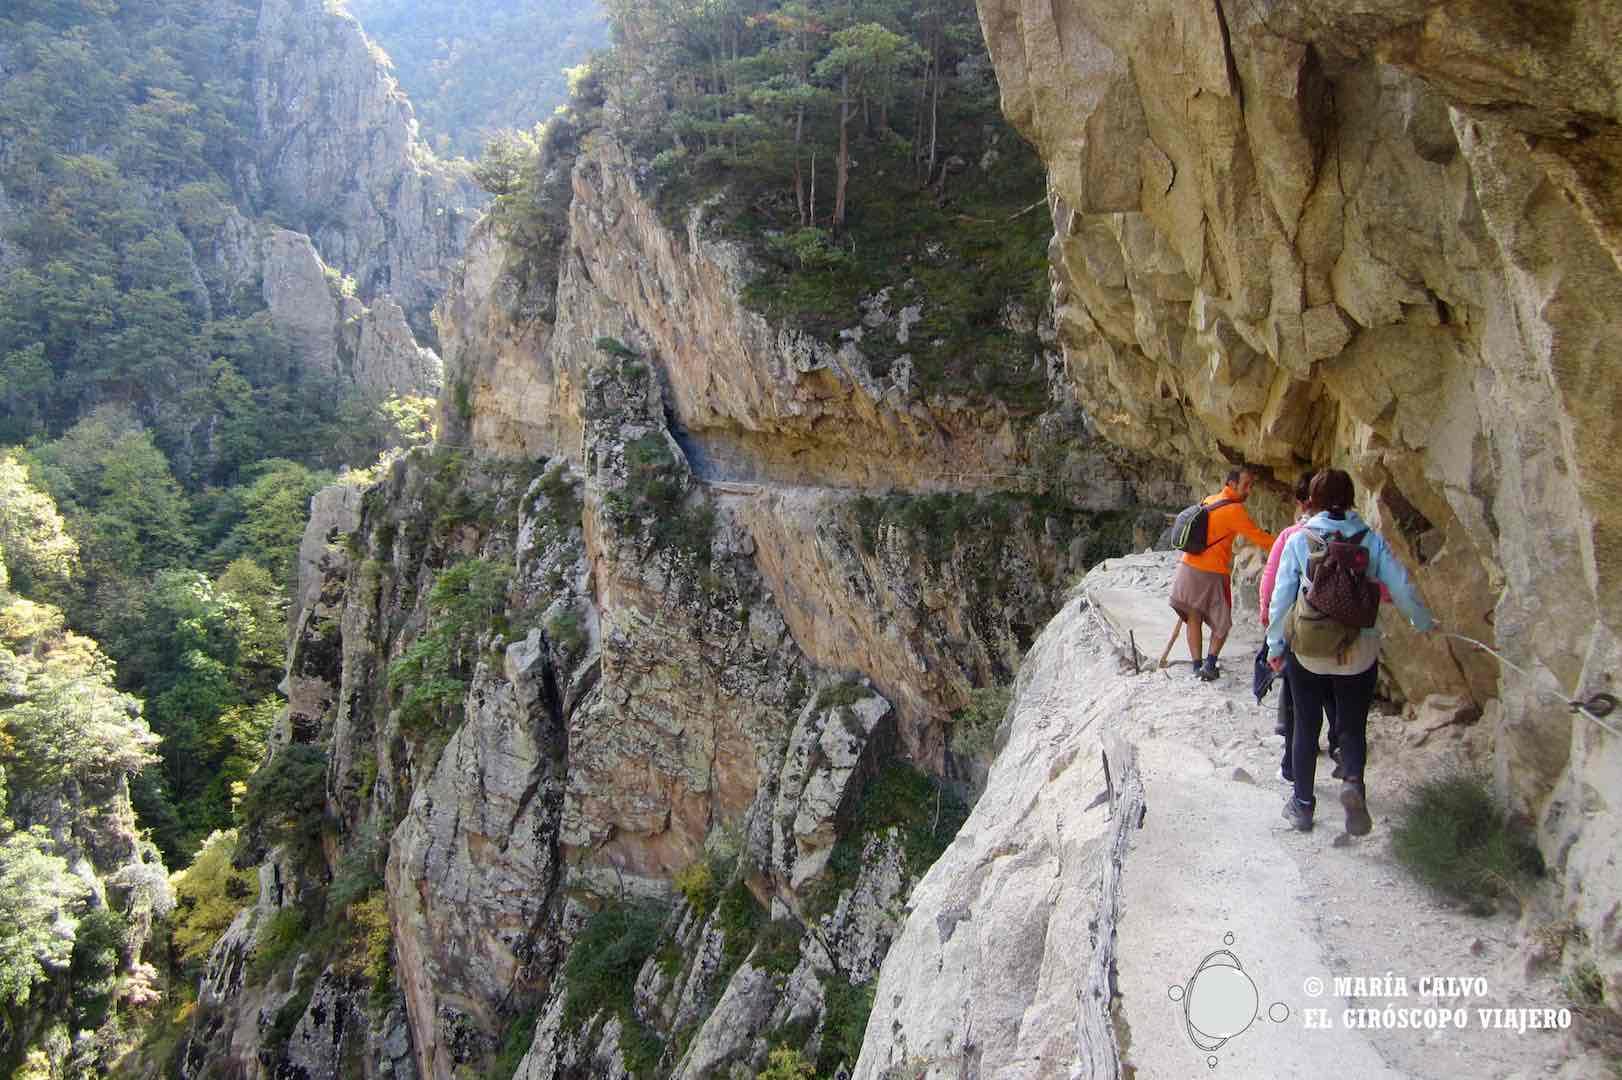 La belleza del sendero excavado en la roca